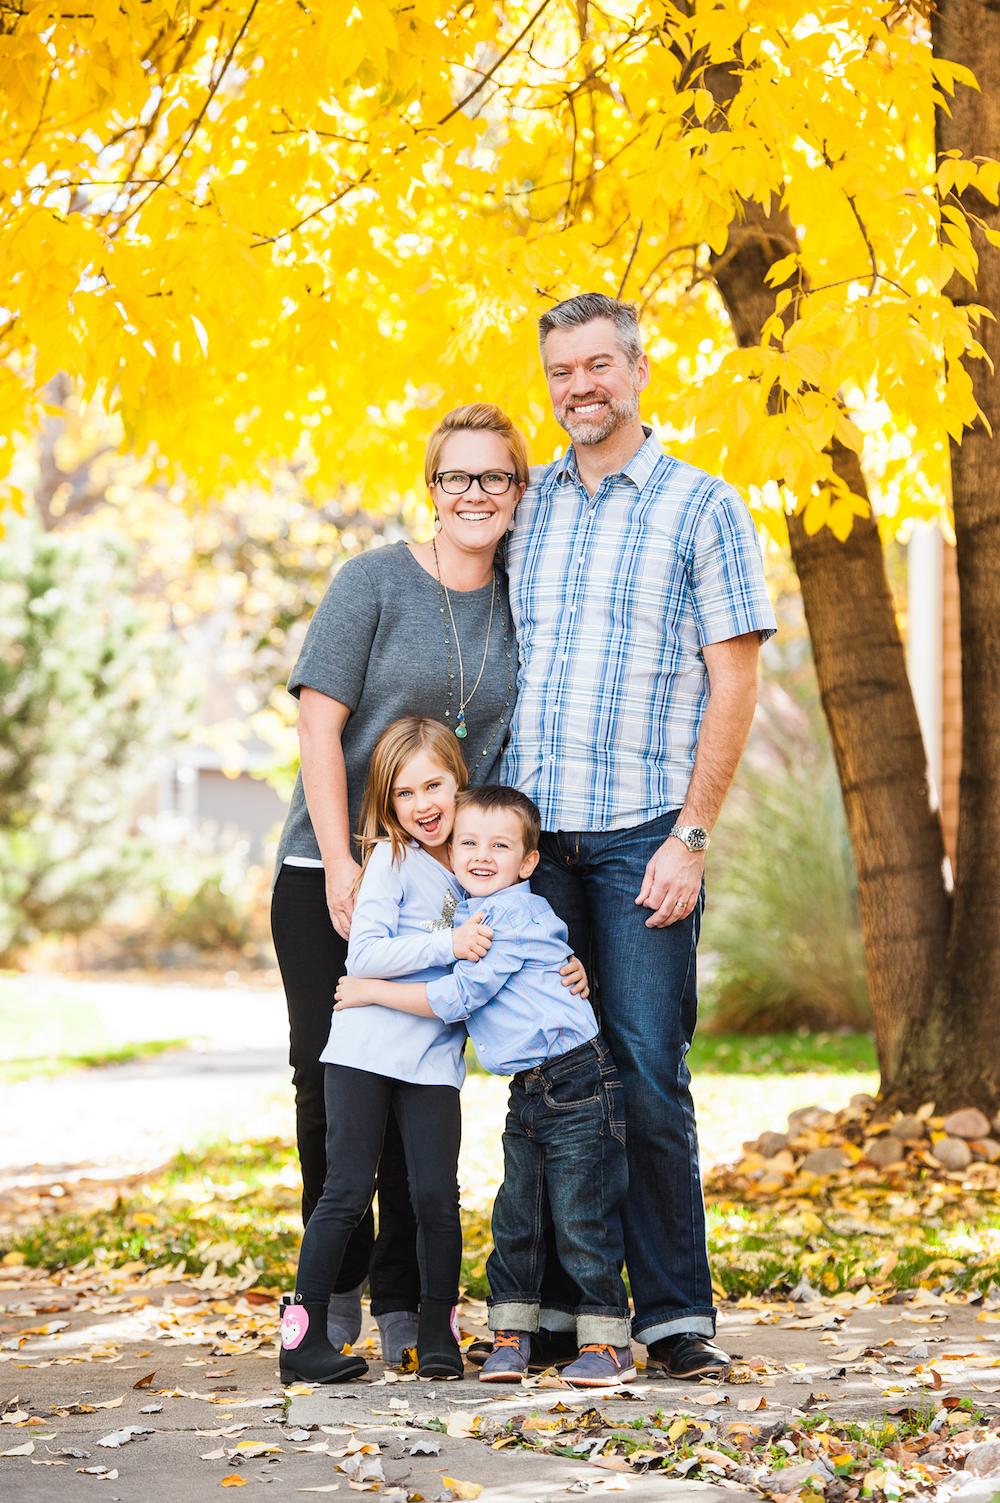 ck-Colorado-Family-Photography-0002.jpg